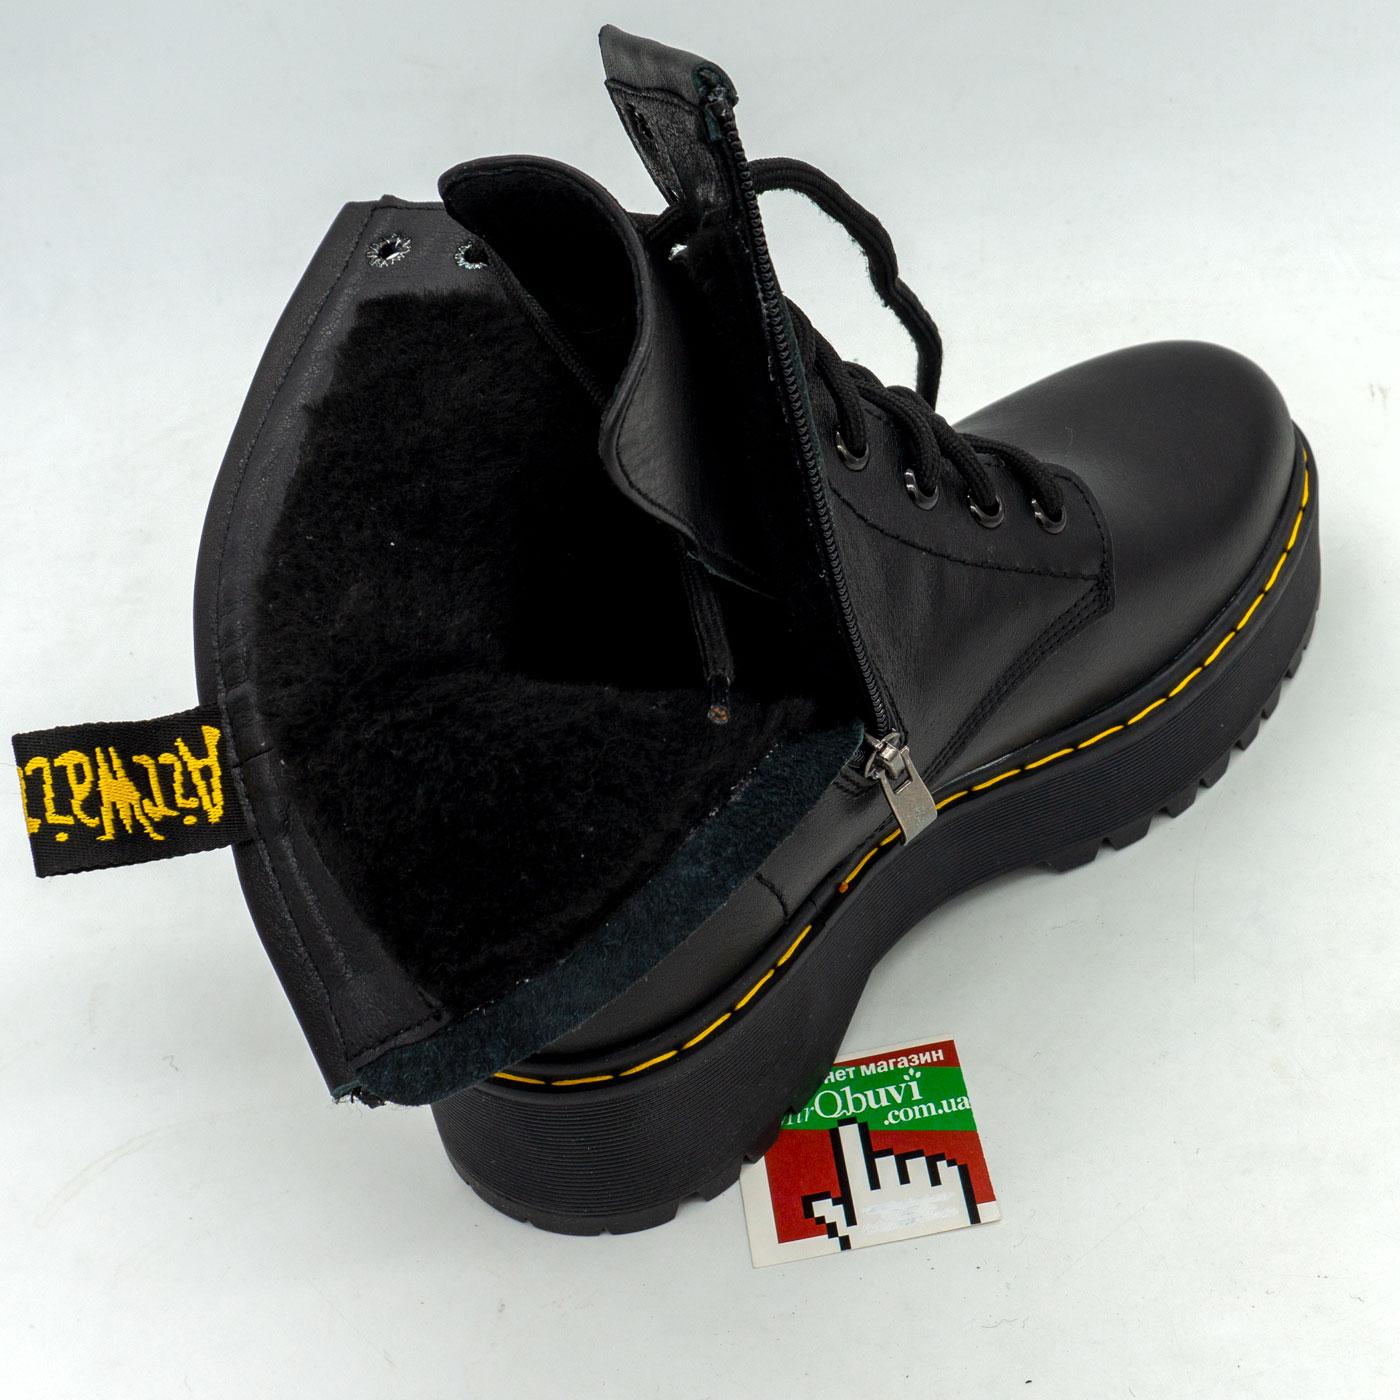 фото back Зимние черные женские ботинки в Dr. Martens на платформе - 003 back